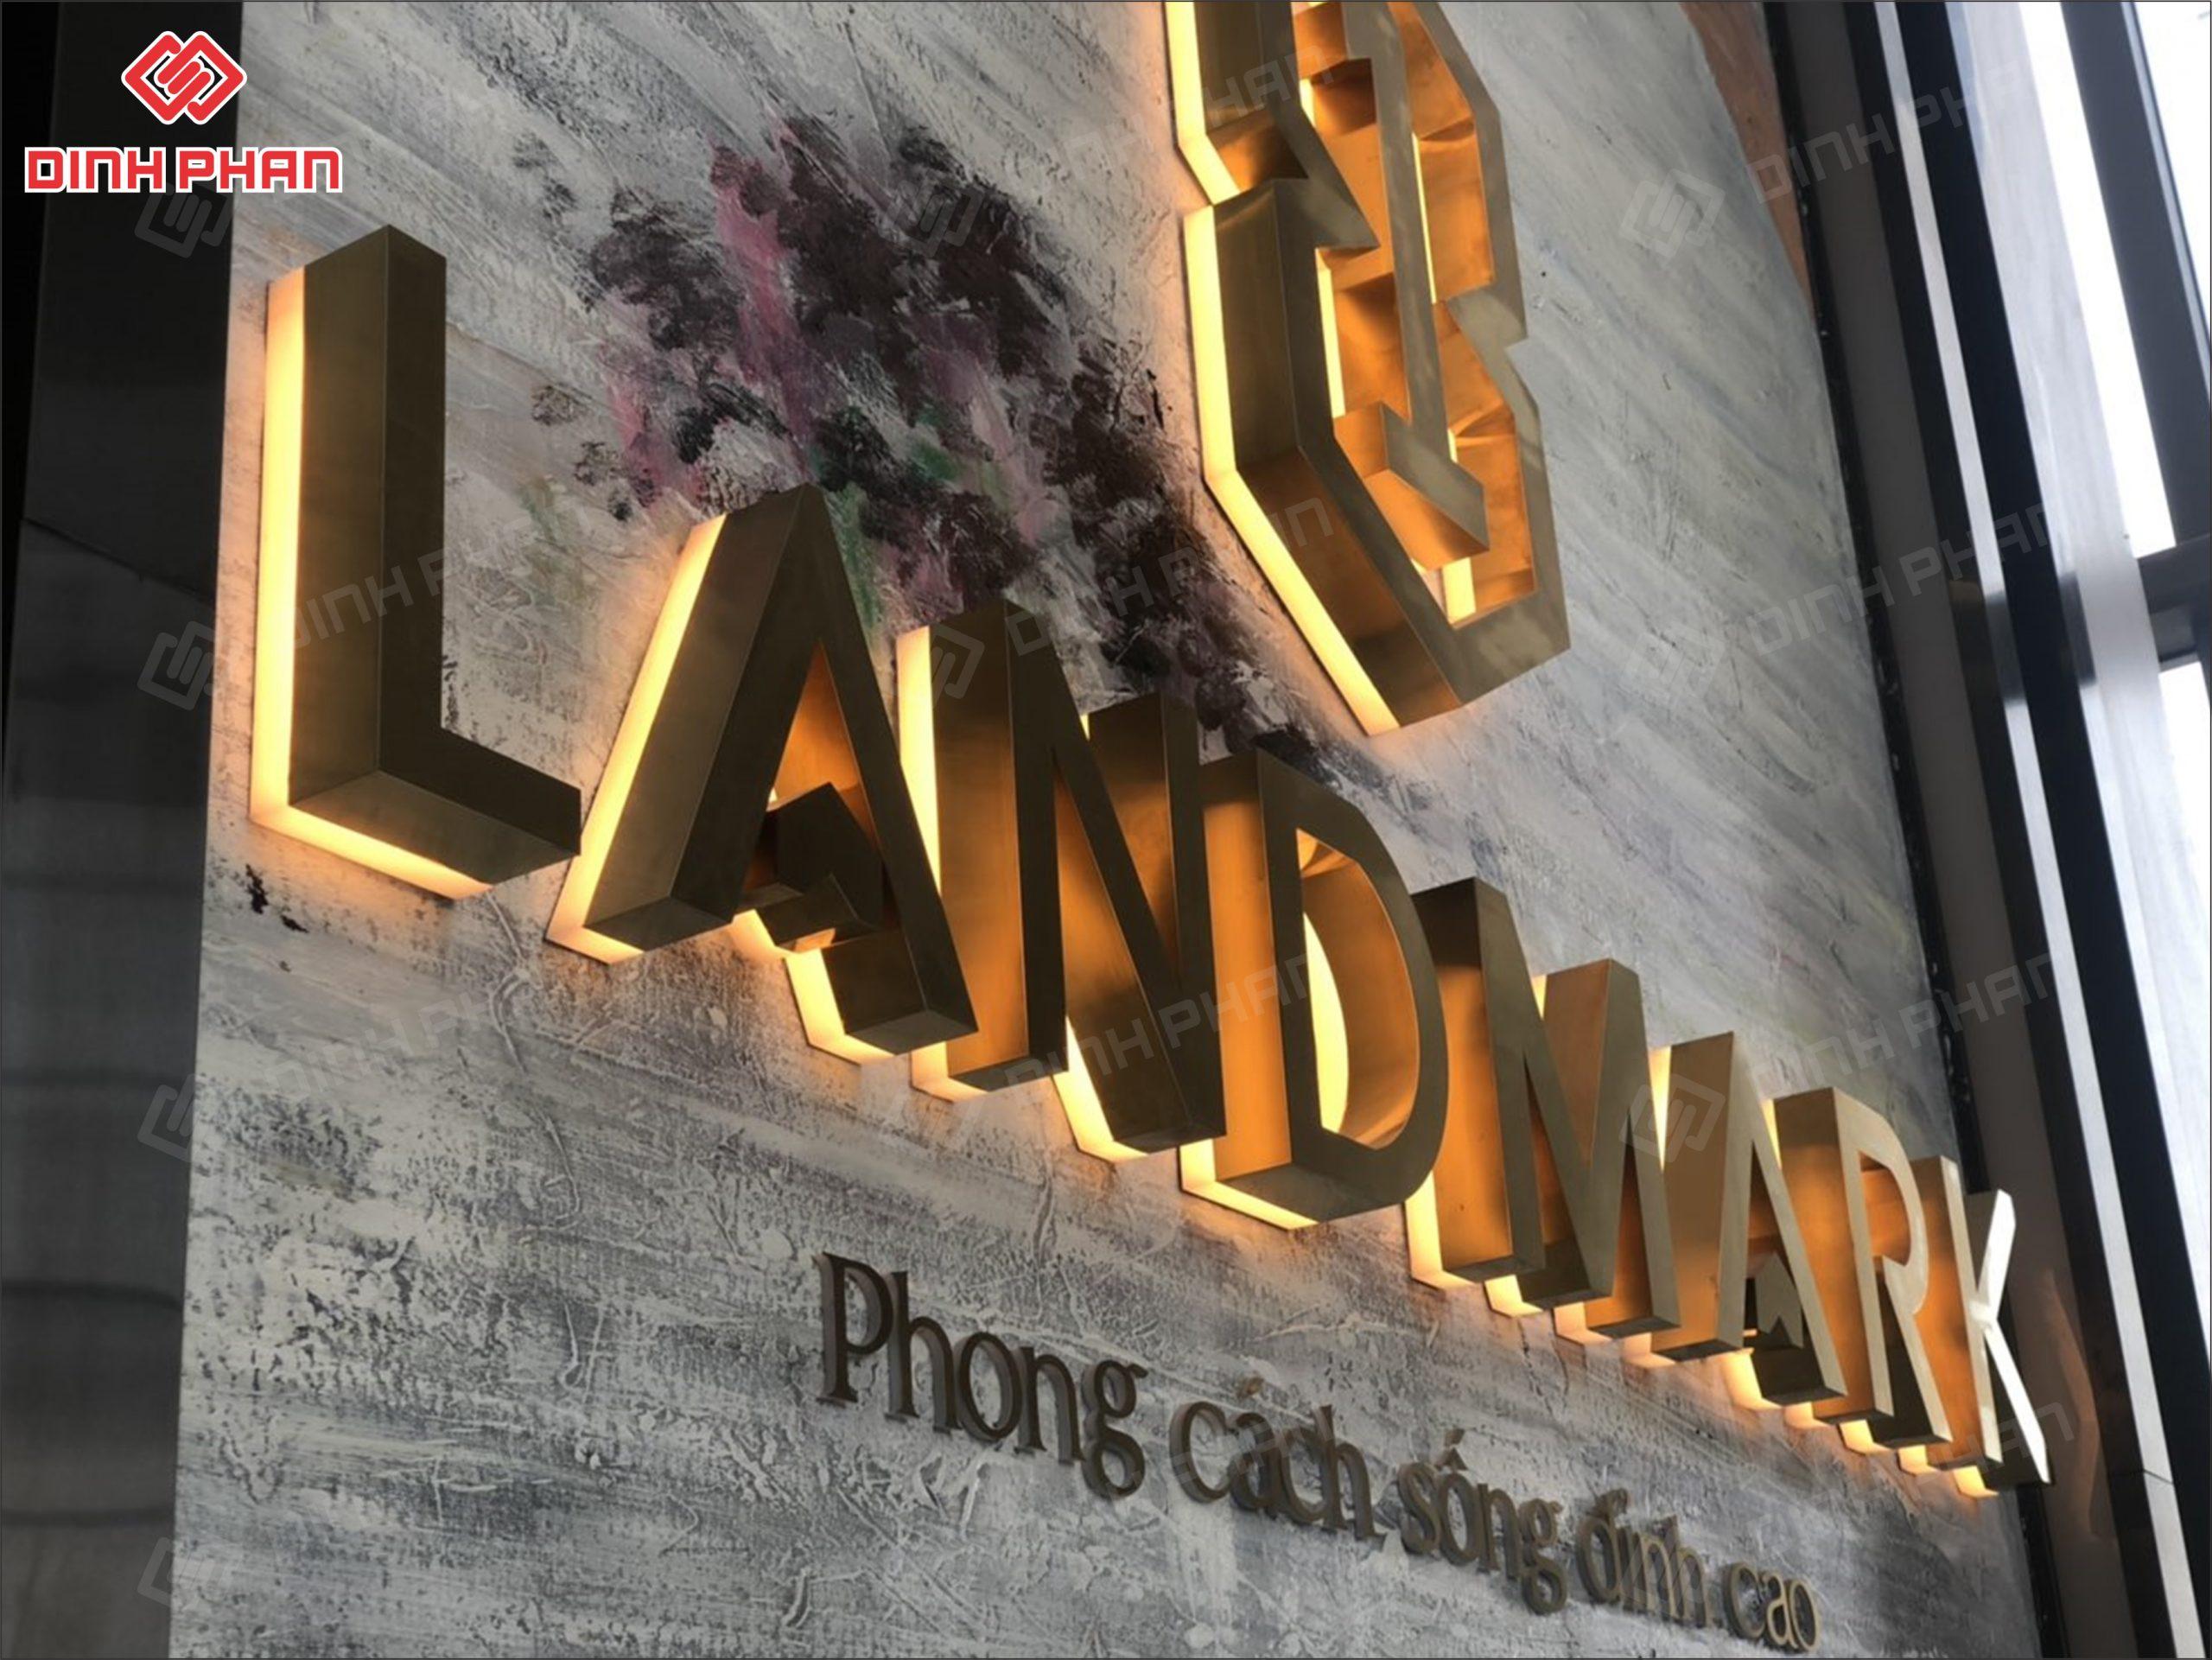 bảng hiệu quận bình thạnh - bảng hiệu dự án landmark 81